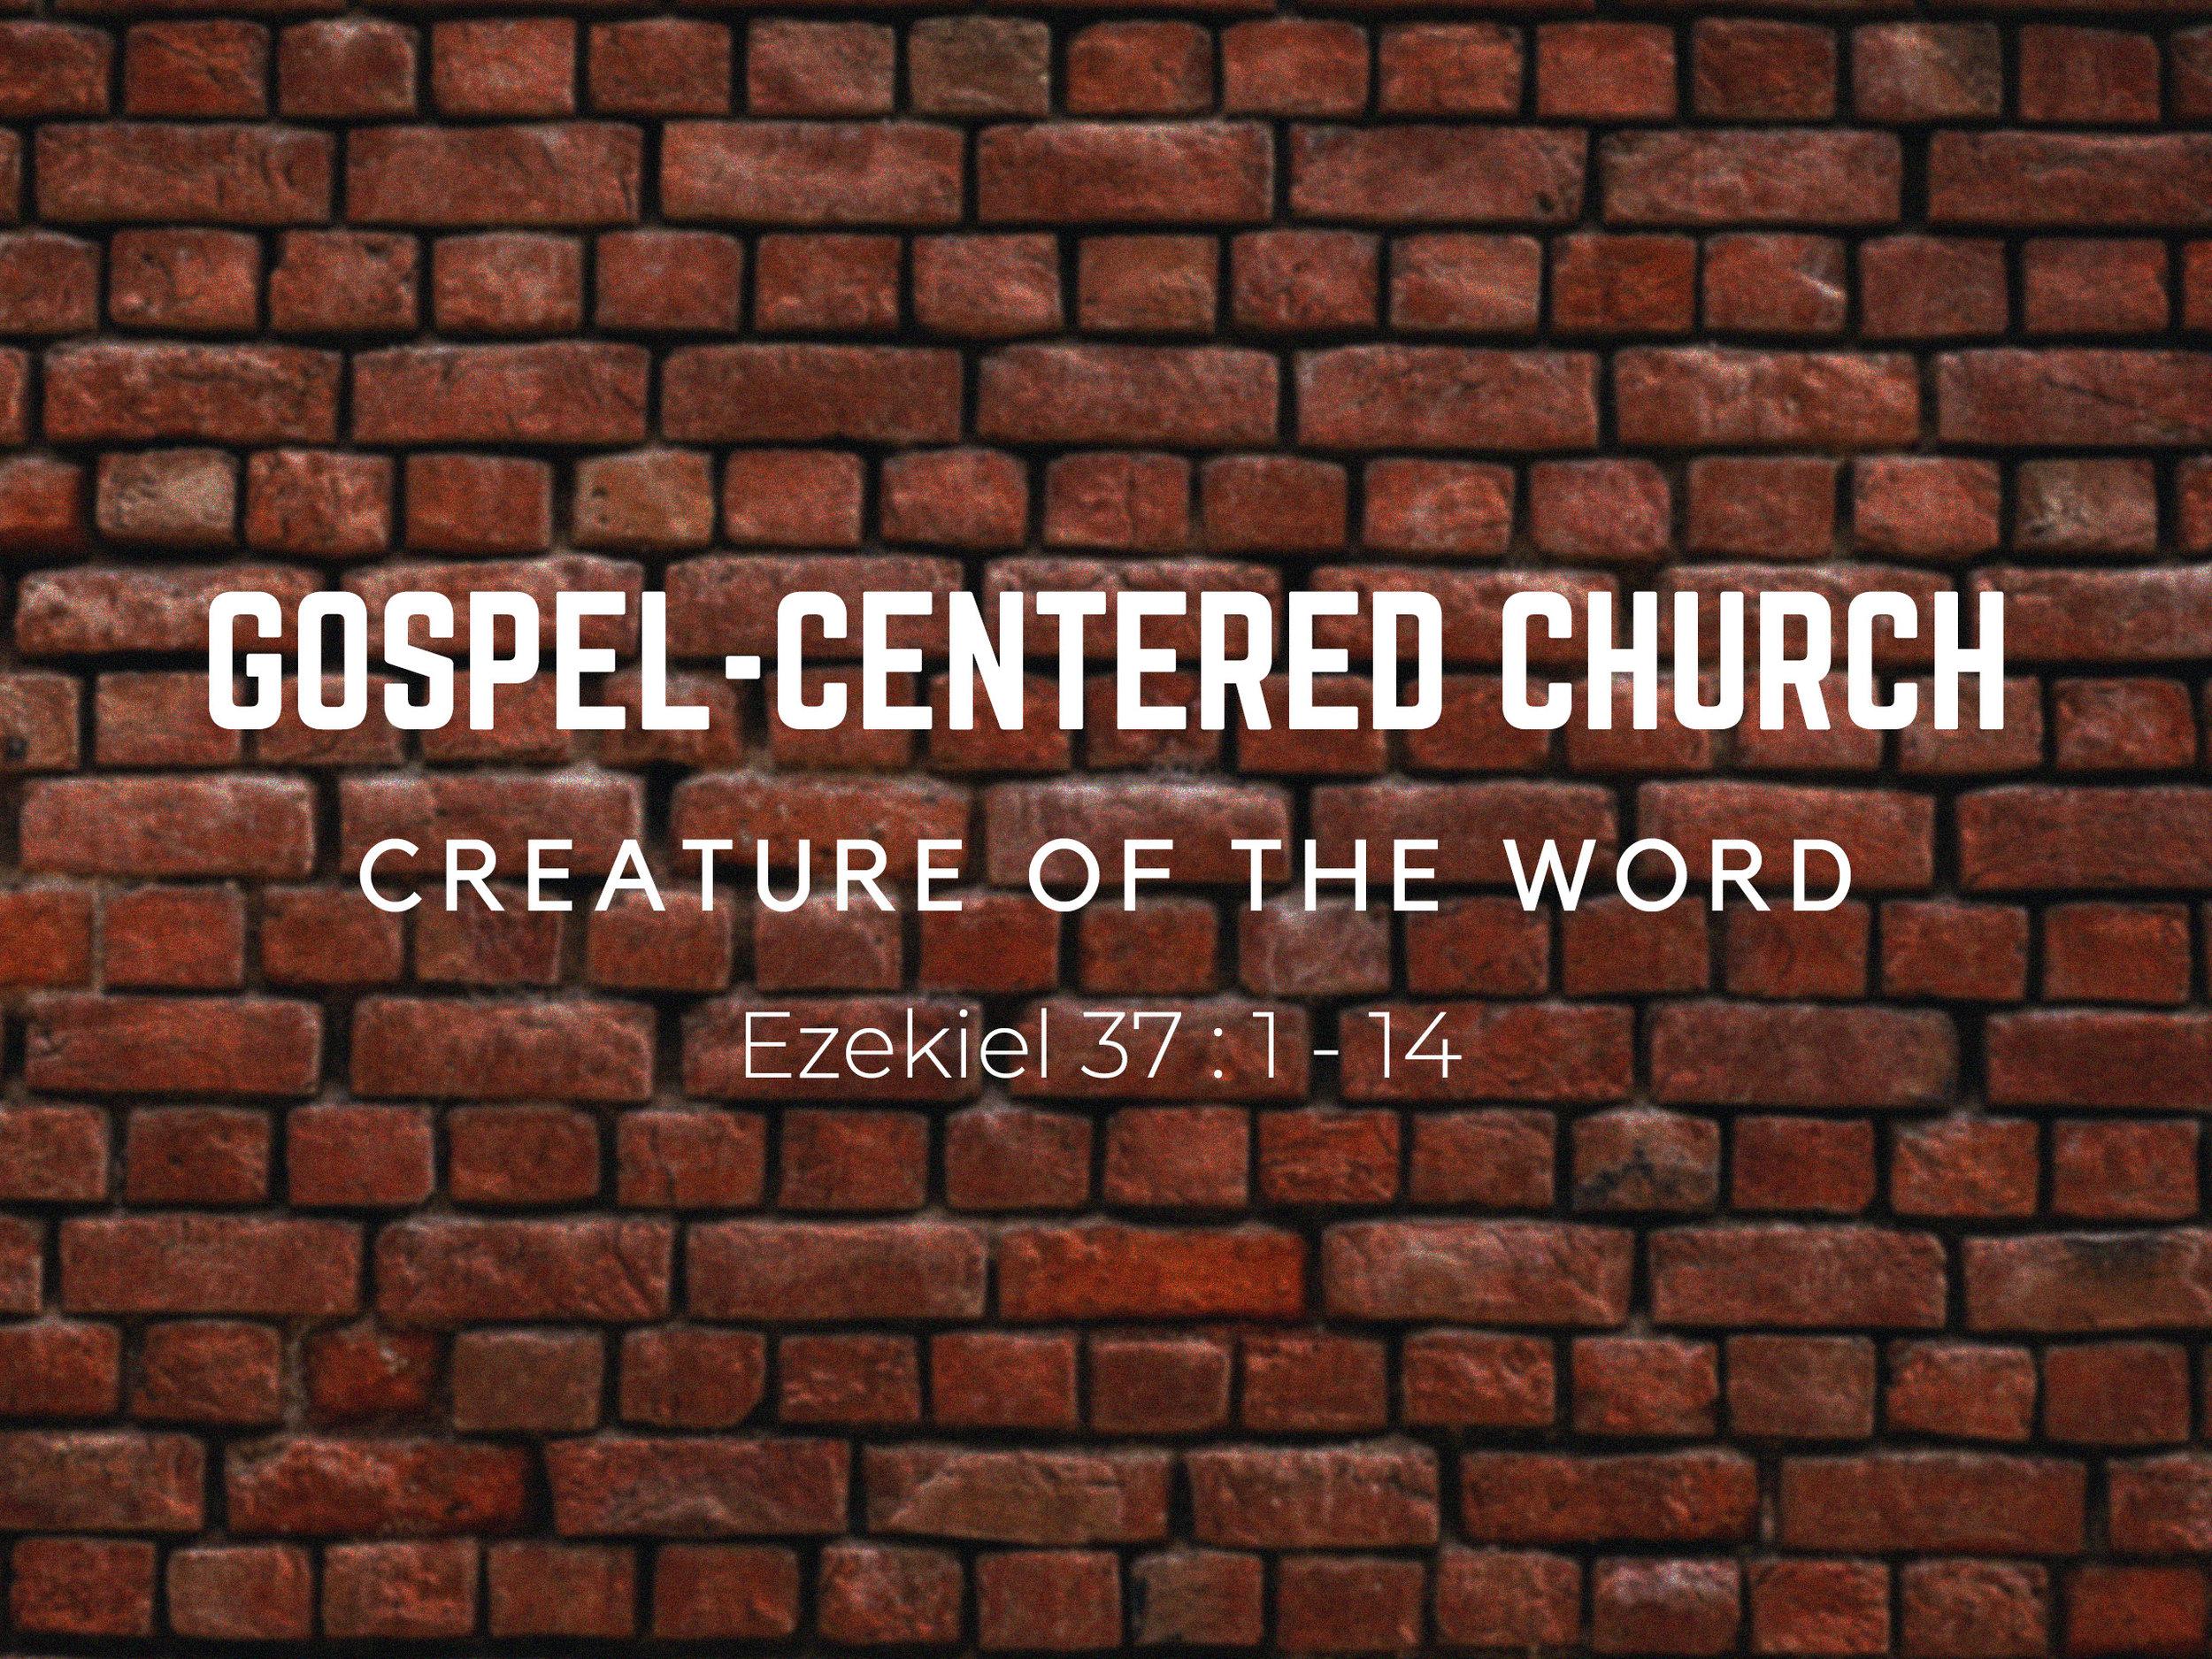 2019.01.13 Gospel Centered Church Sermon Slide.jpg